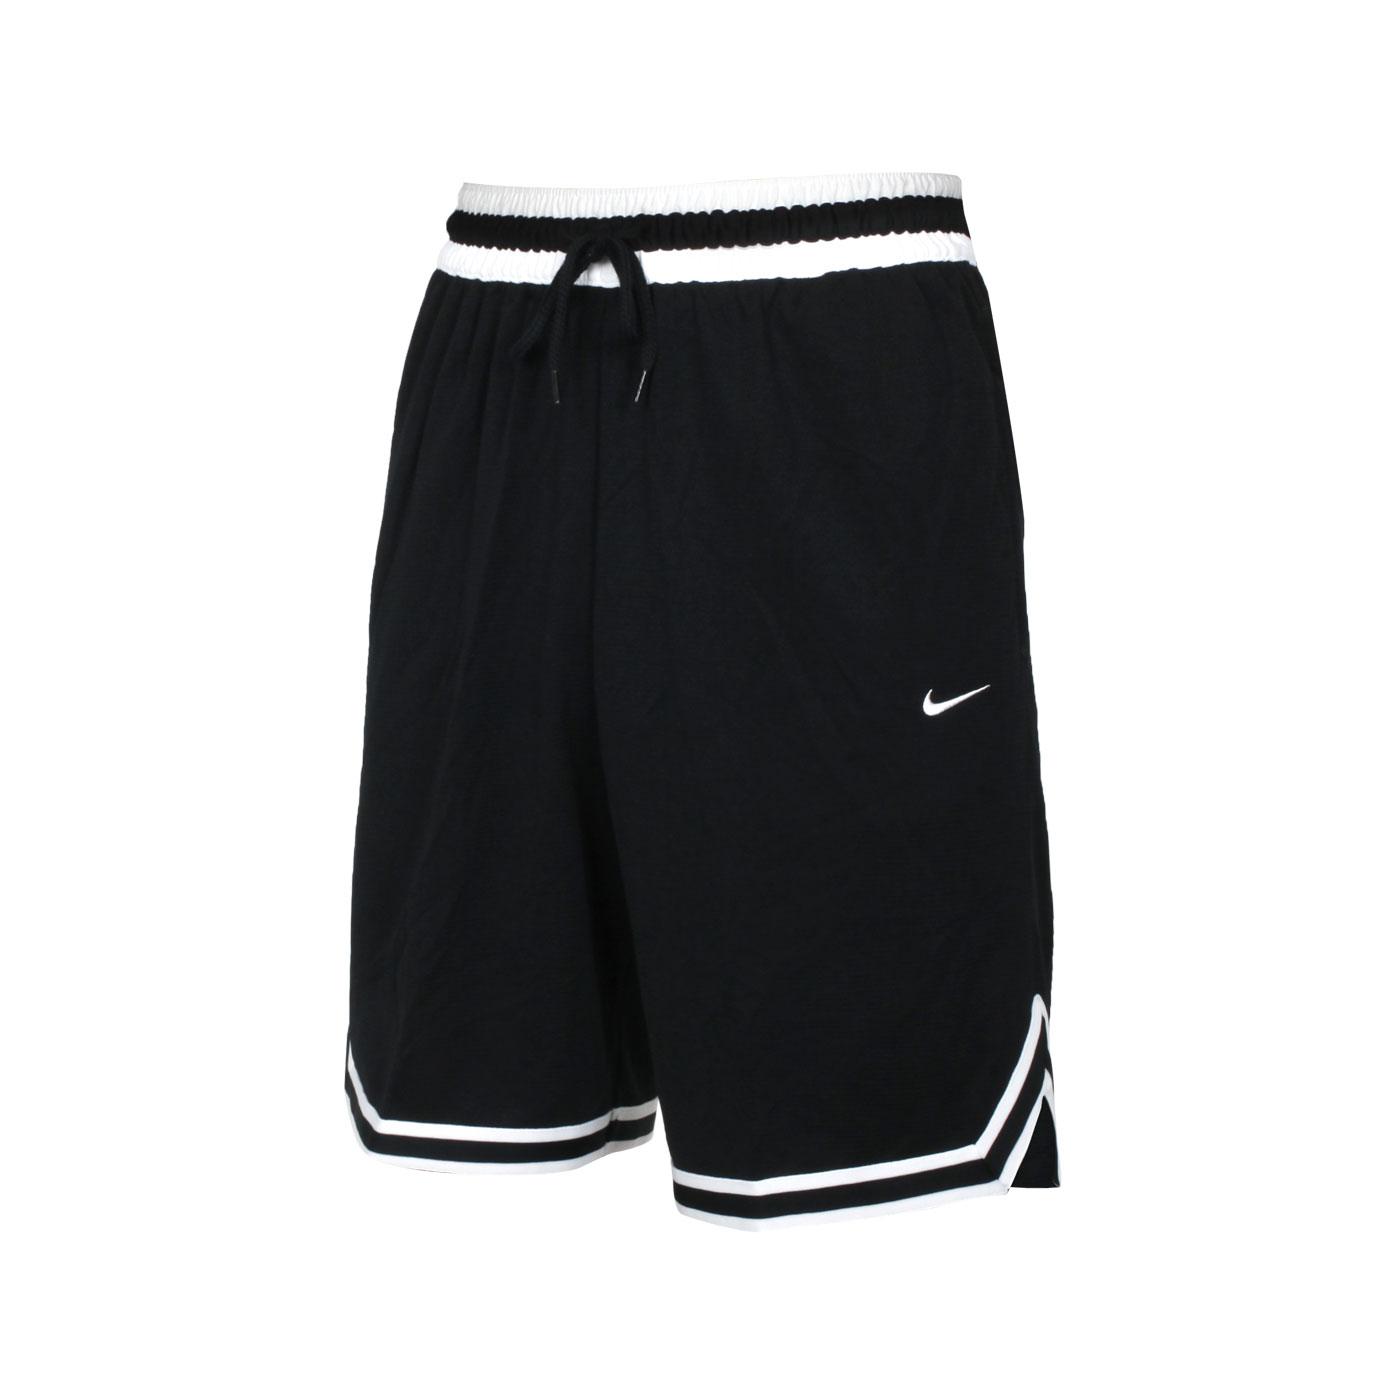 NIKE 男款籃球運動短褲 DA5845-010